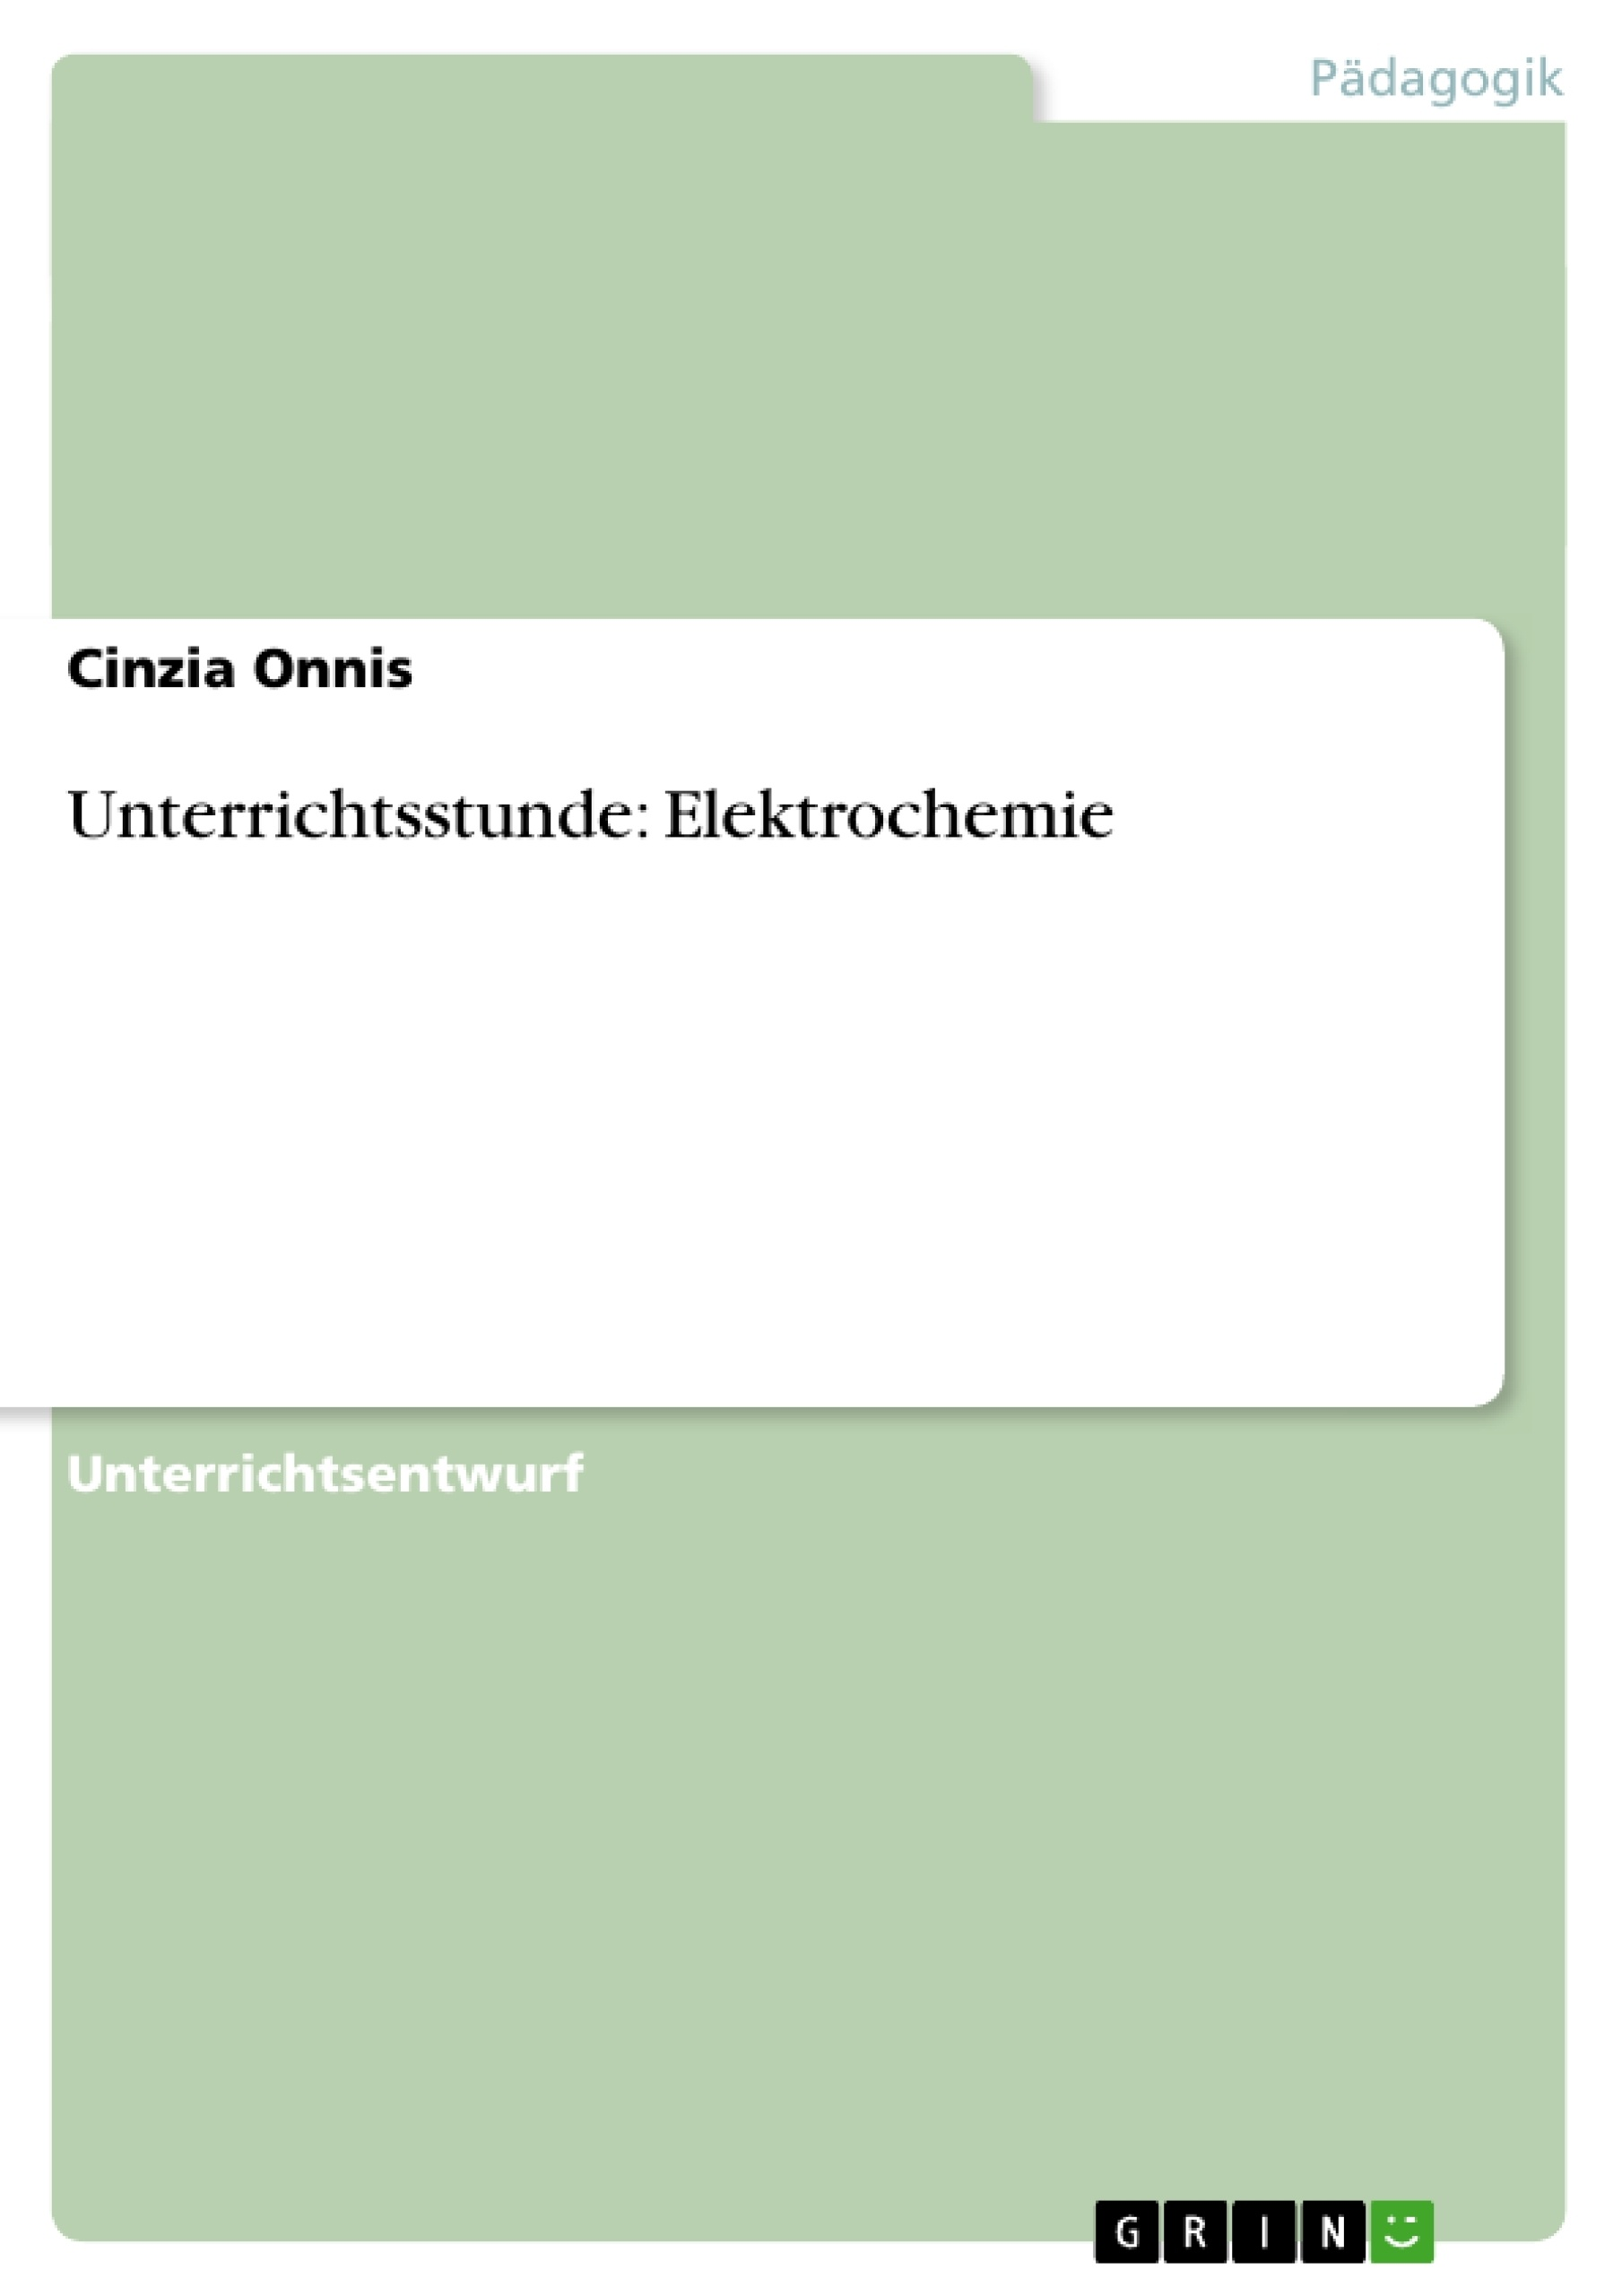 Titel: Unterrichtsstunde: Elektrochemie